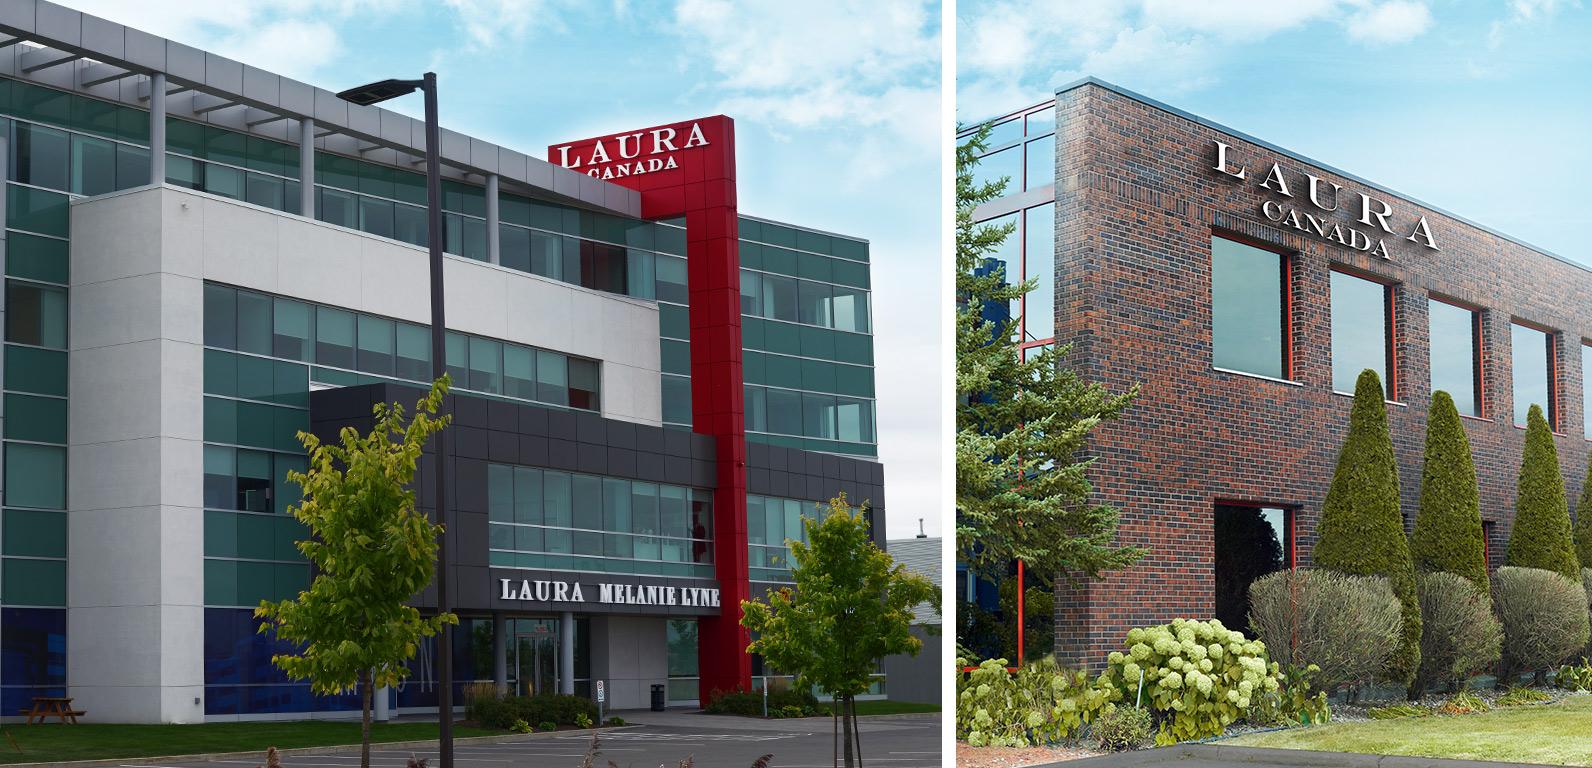 Laura Headquarters